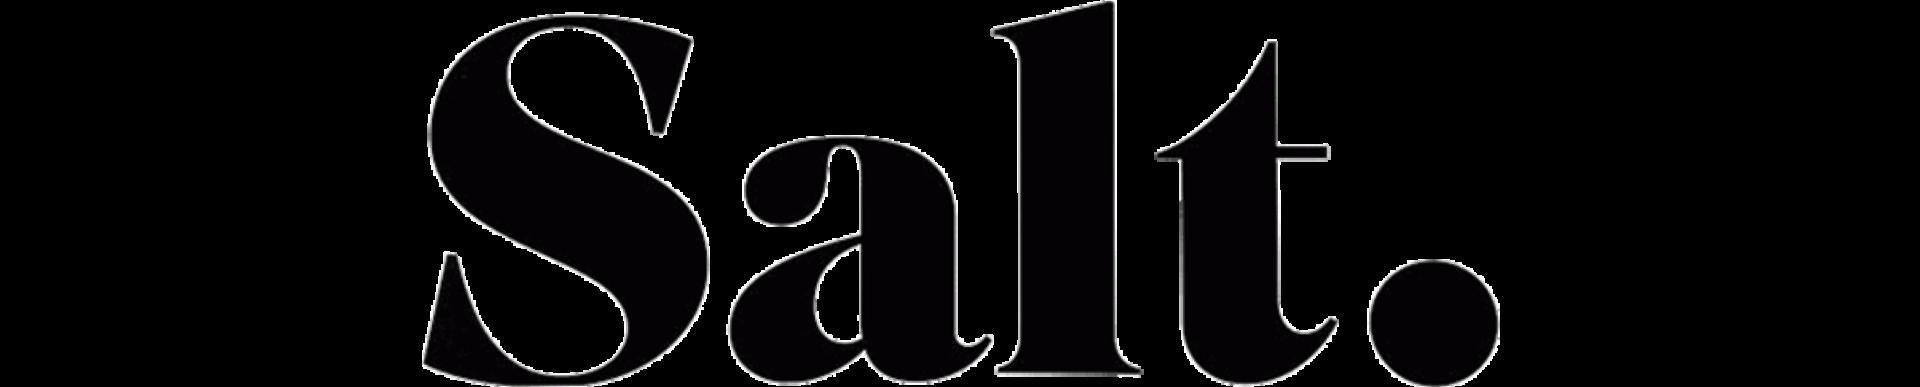 Salt Fiber: Gratis Aktivierung – Spare CHF 99 und Cashback von CHF 39.95.